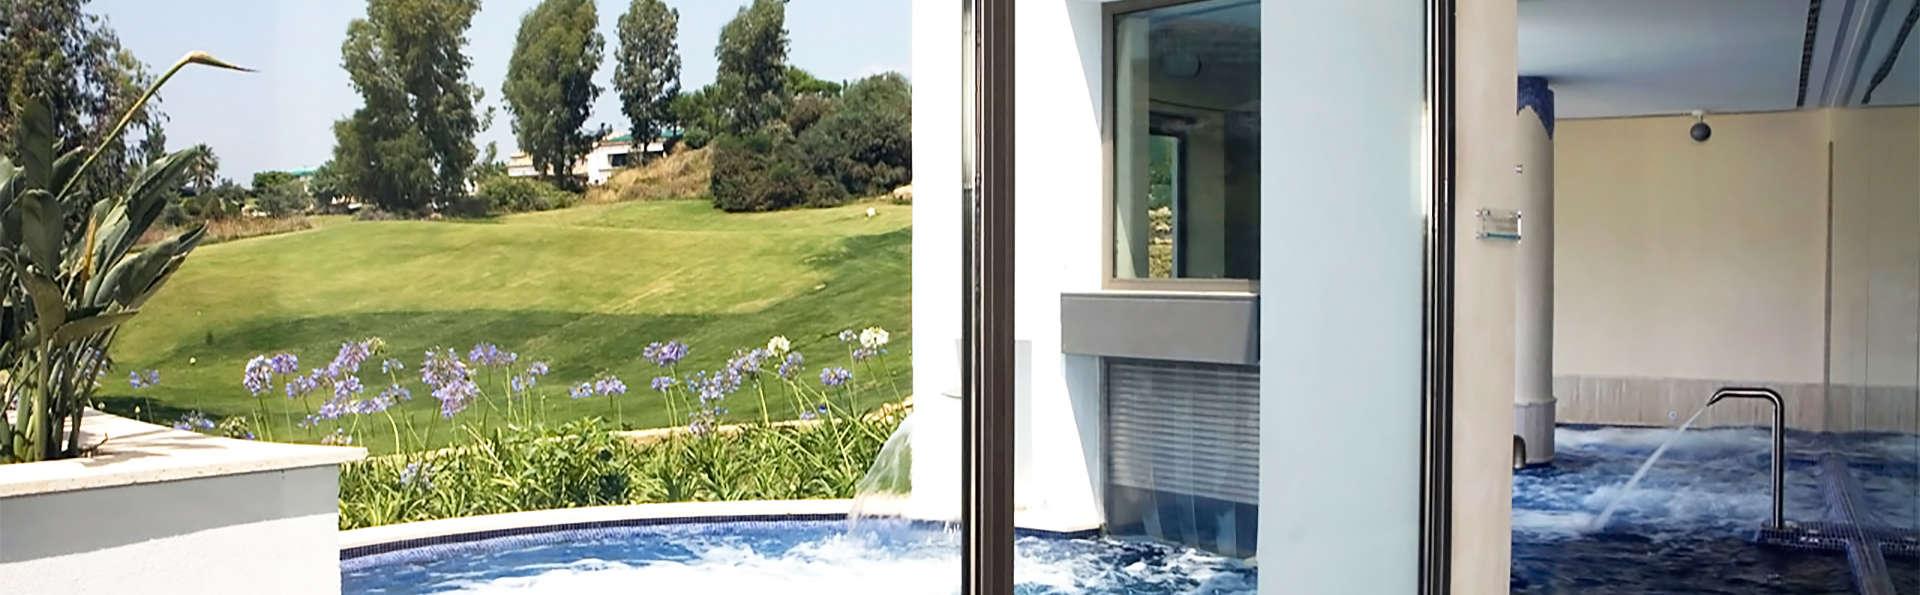 Offre exclusive : escapade de détente avec accès au spa dans un resort de luxe